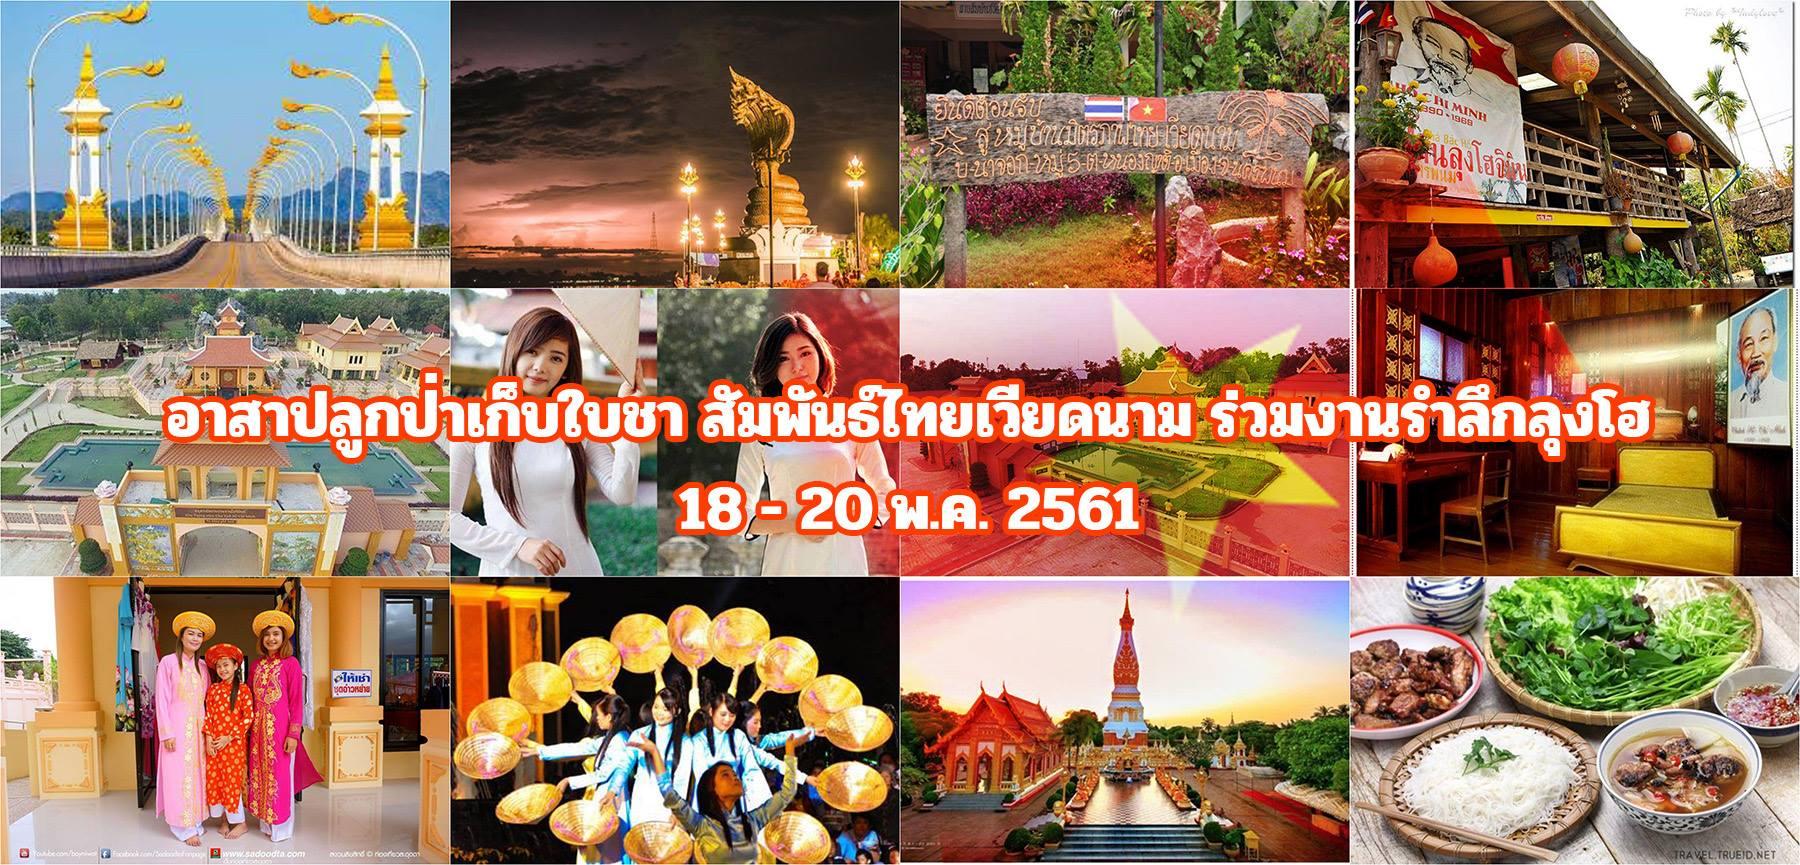 อาสาปลูกป่าเก็บใบชา สัมพันธ์ไทยเวียดนาม ร่วมงานรำลึกลุงโฮ